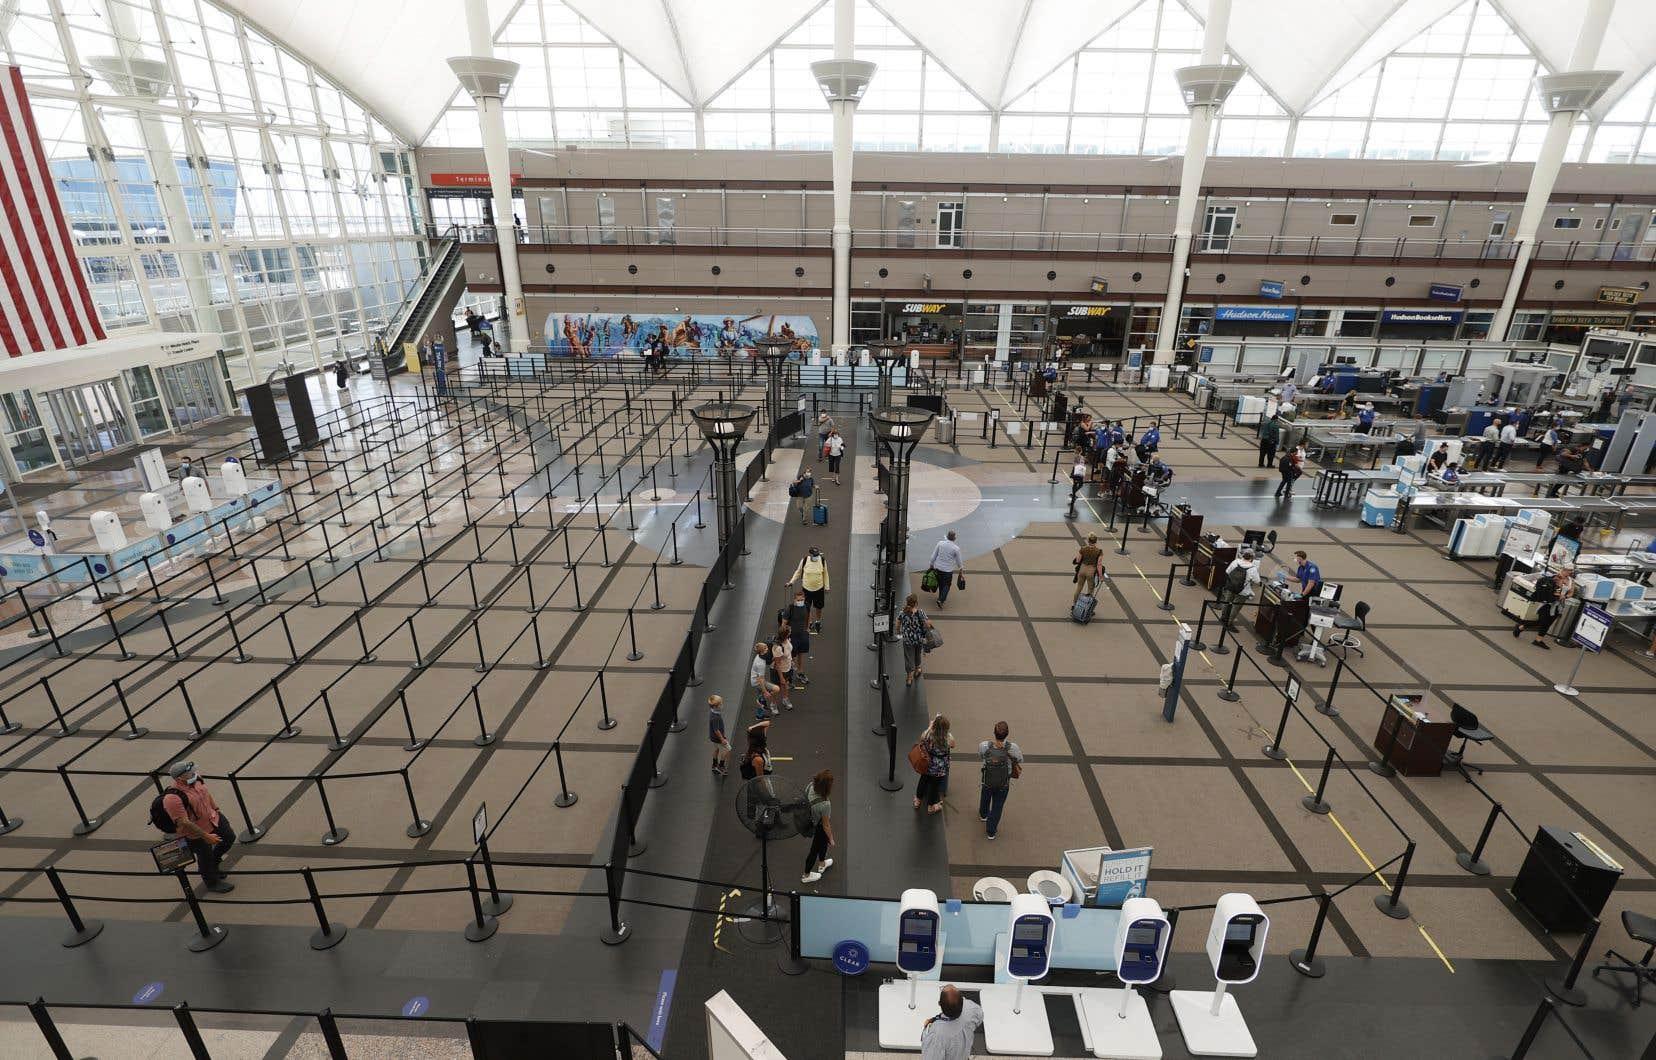 Le département d'État américain a indiqué revenir à son système précédent de conseils aux voyageurs basés sur les risques présentés par chaque pays.